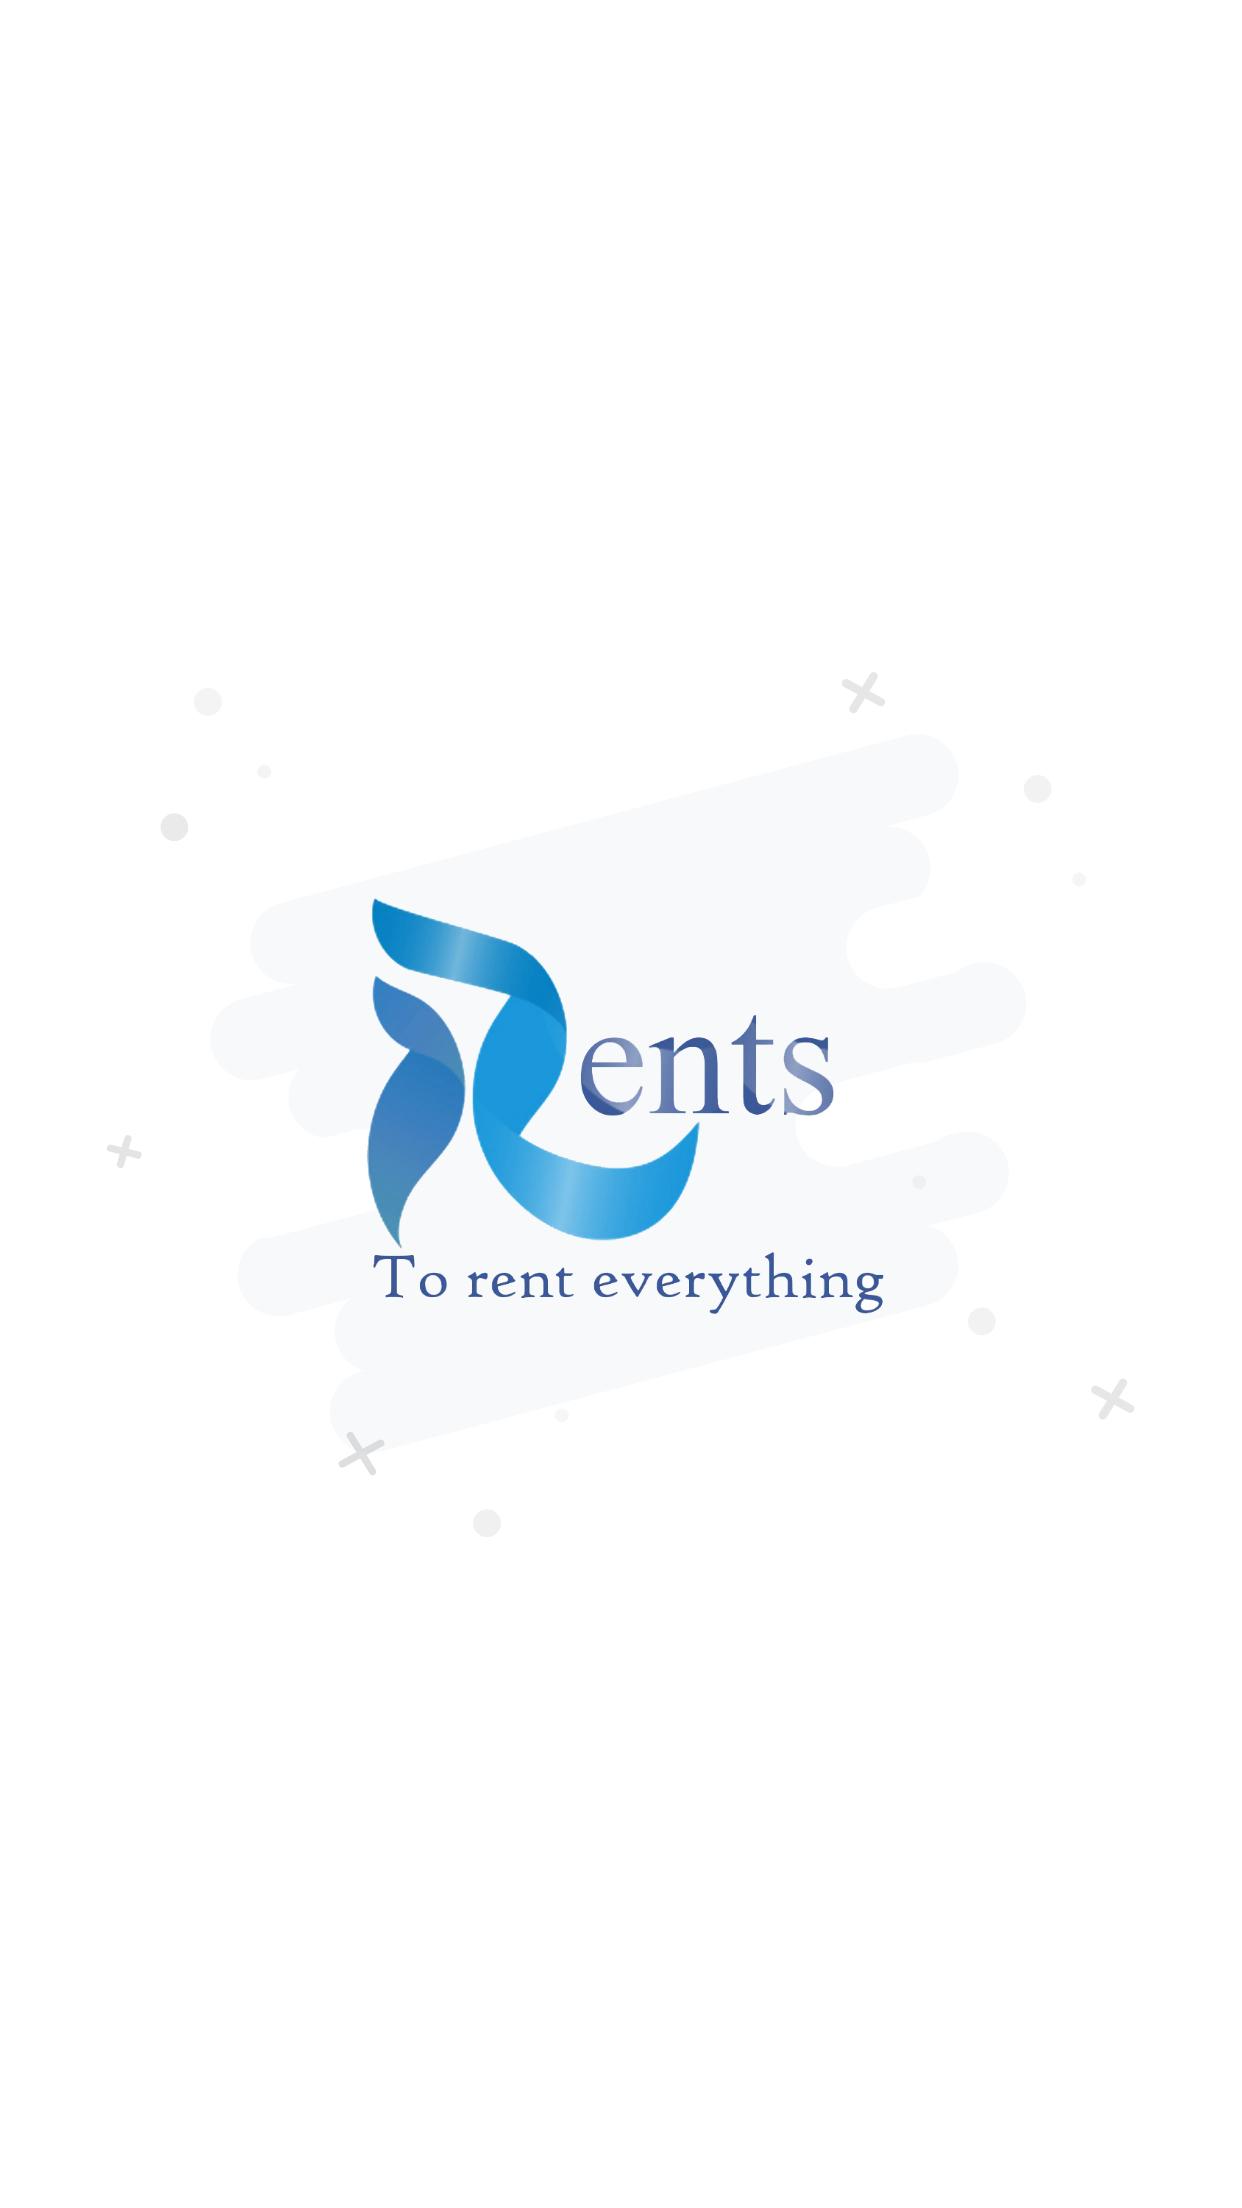 Valux - Rents